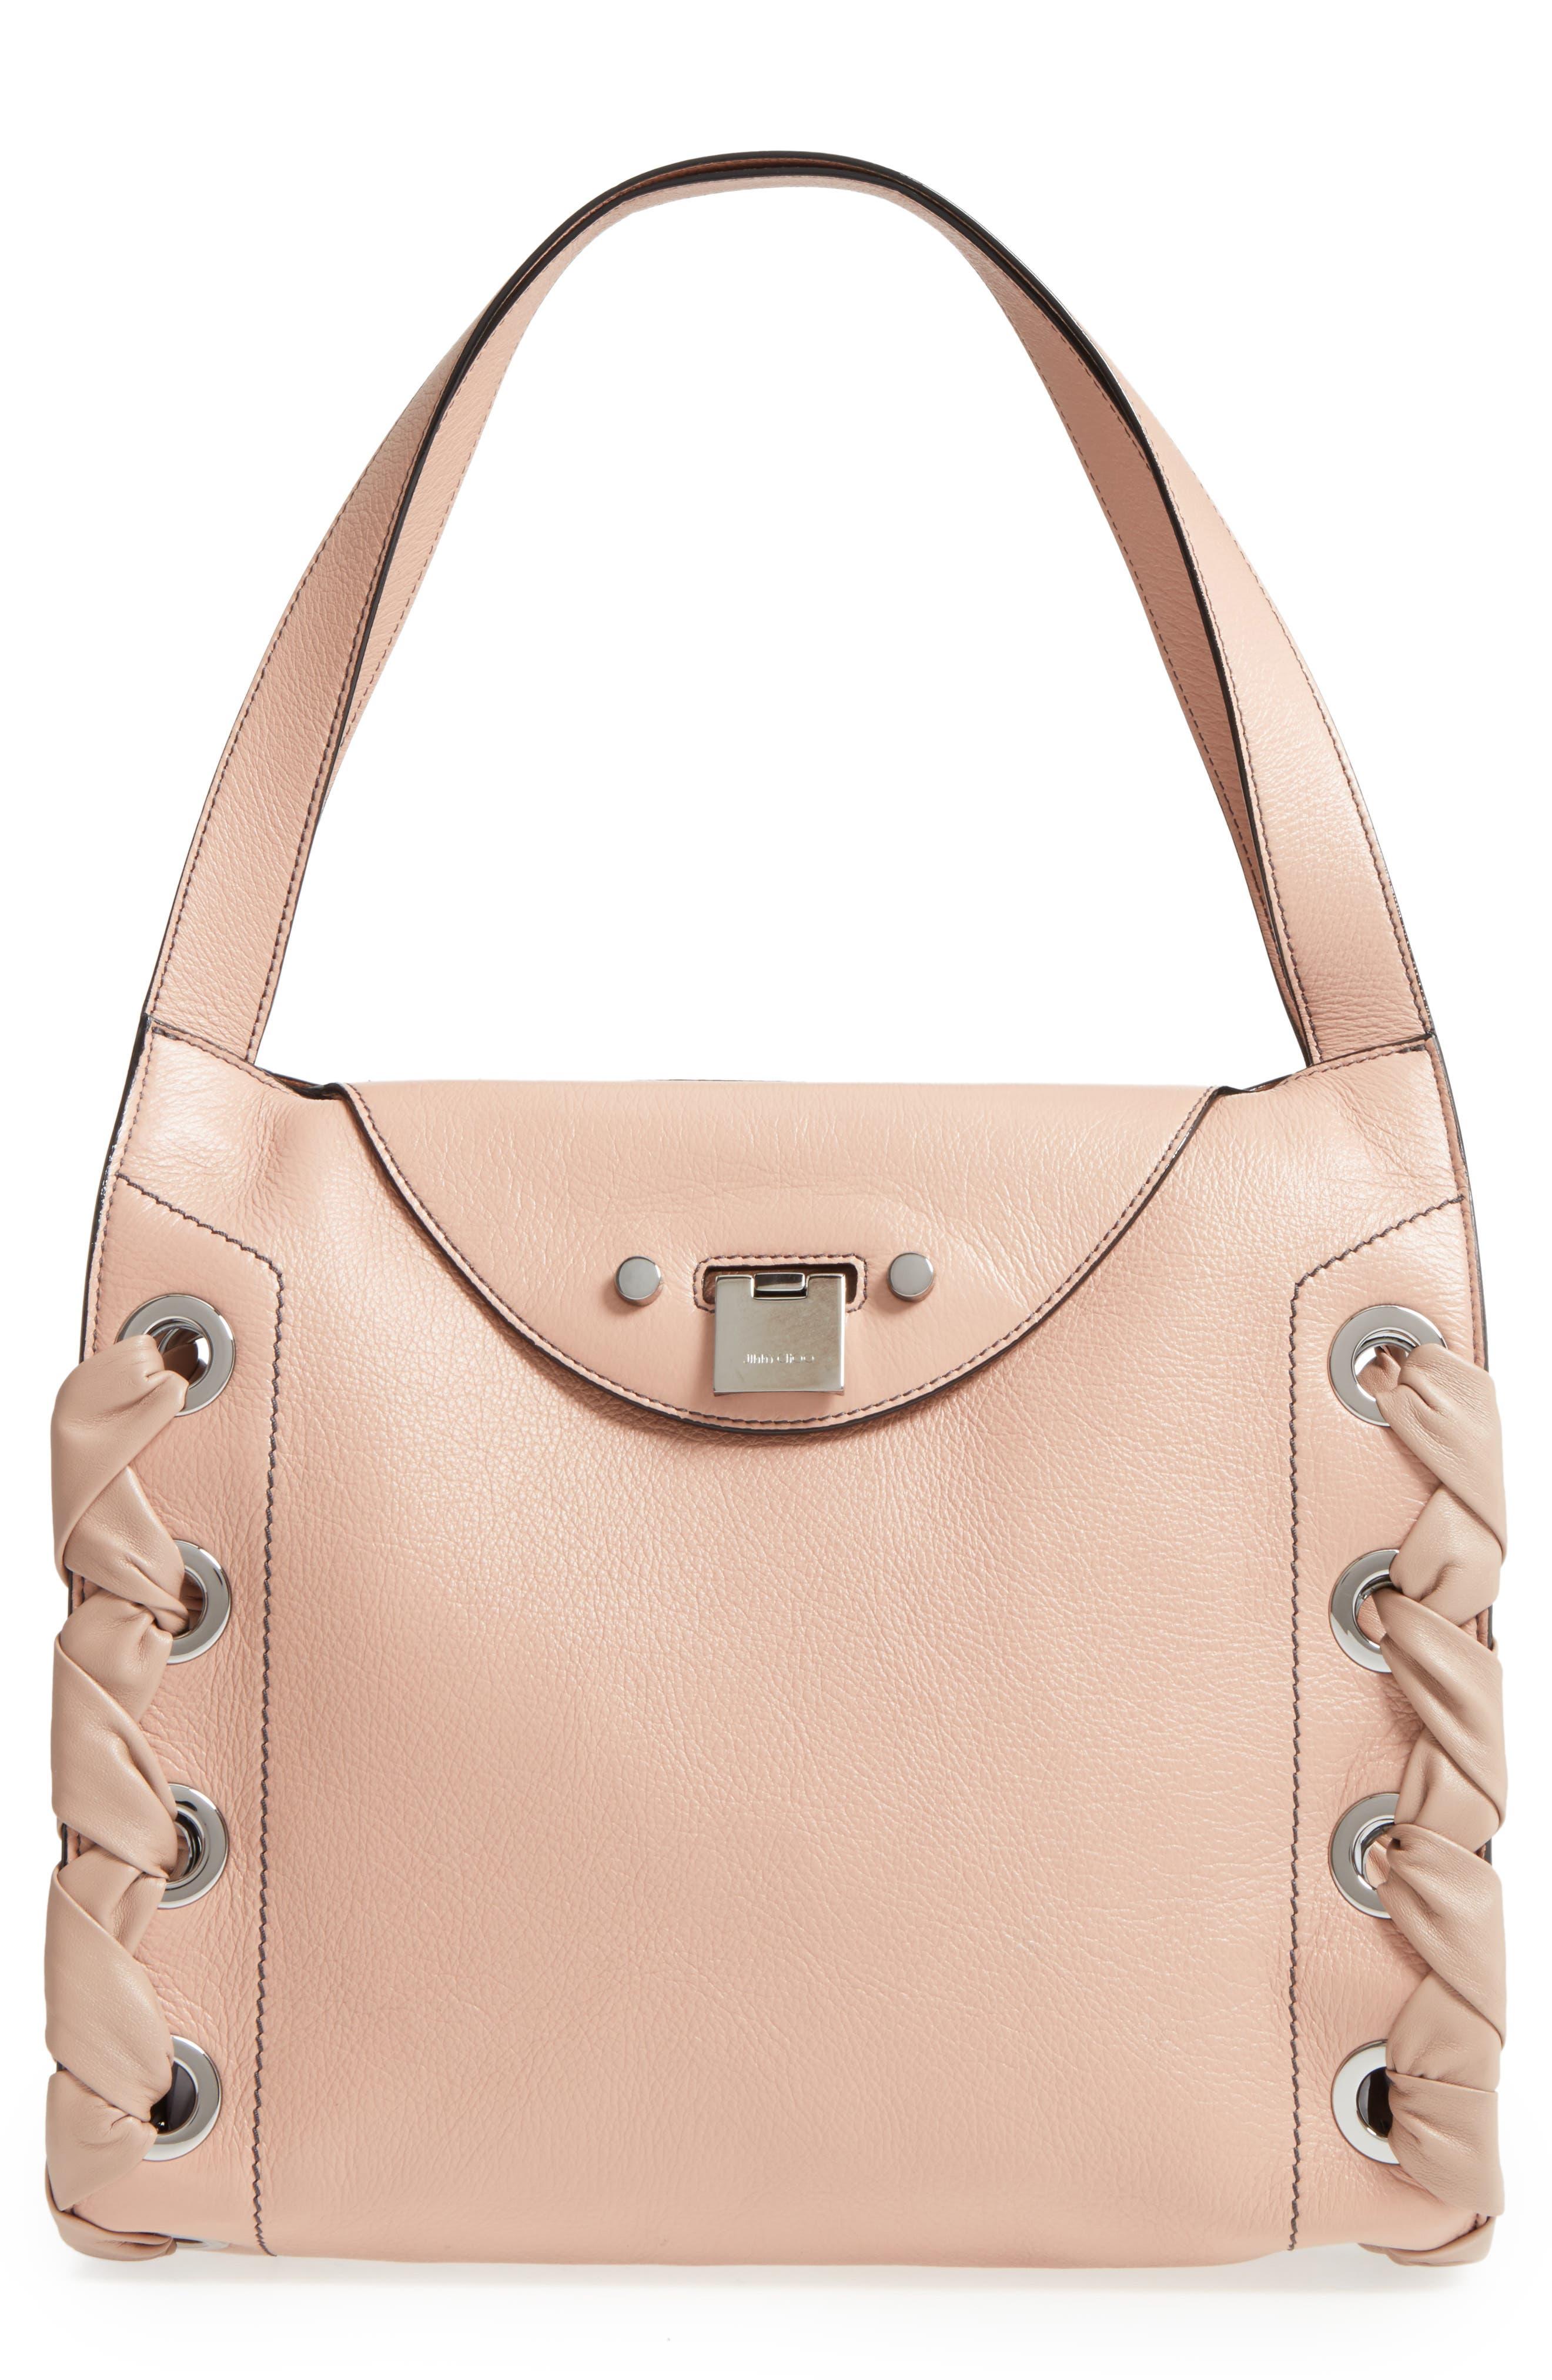 Rebel Leather Shoulder Bag,                         Main,                         color, Ballet Pink